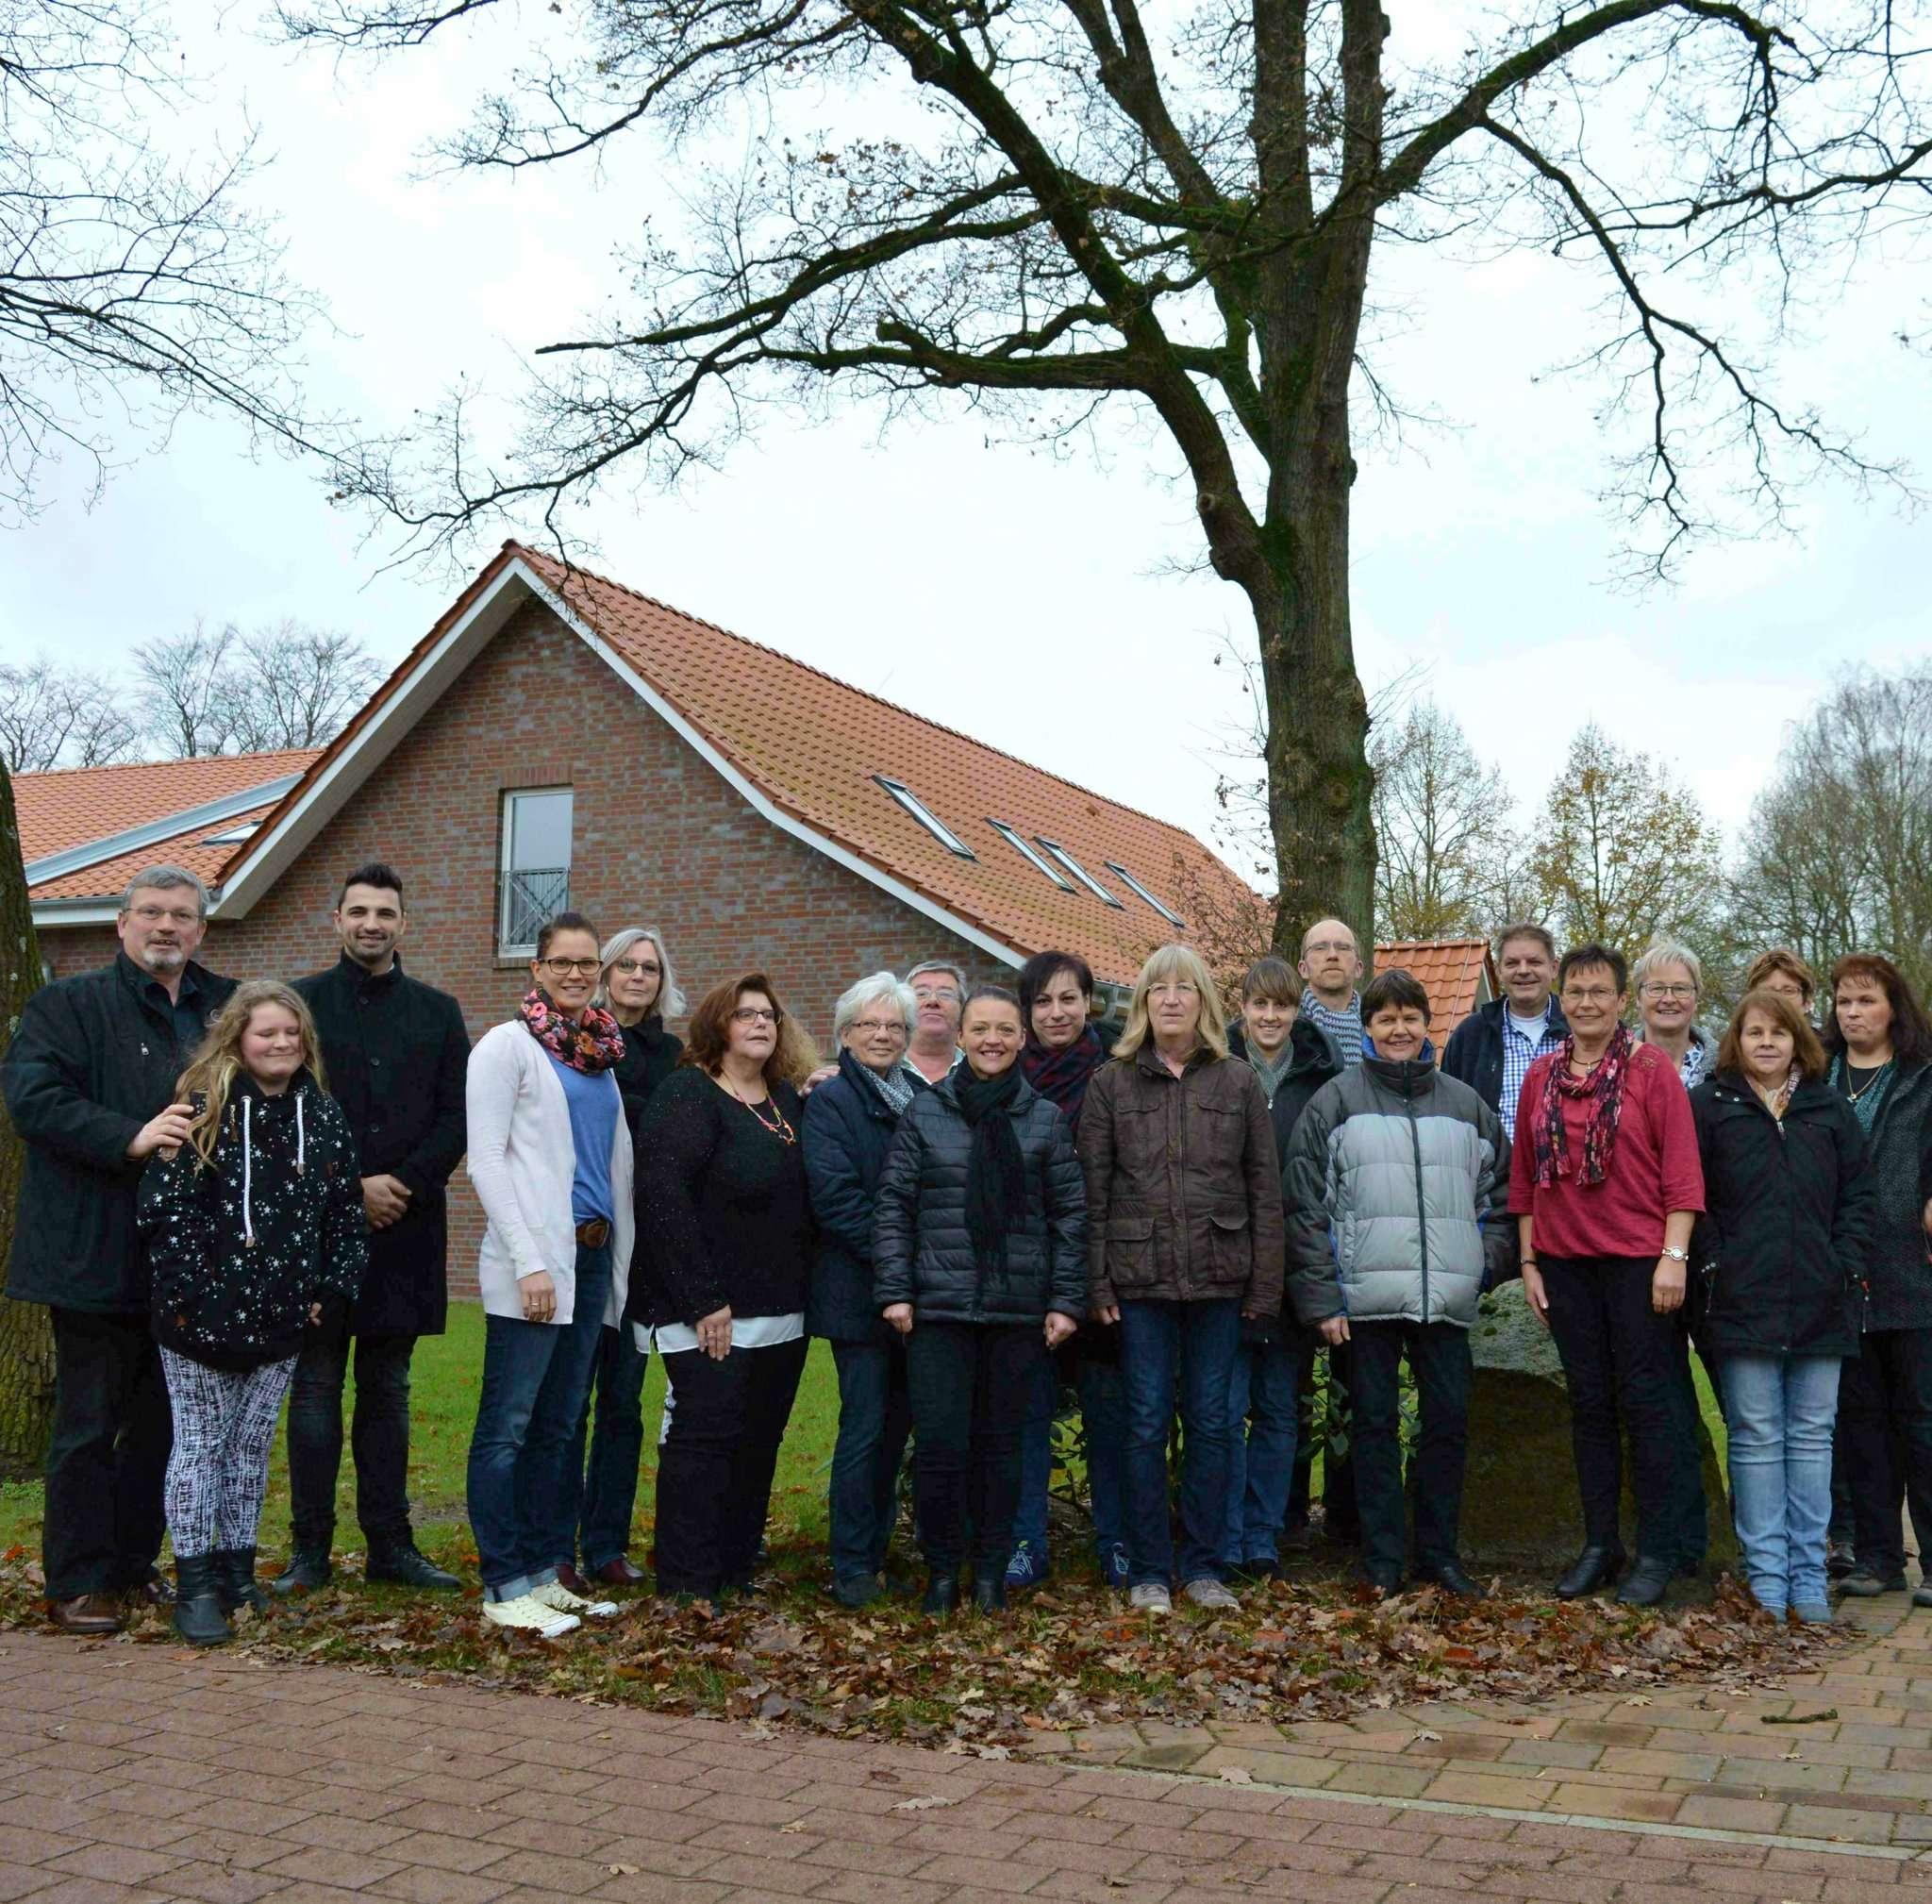 Die Mitglieder des Chors Via Nova absolvierten im Dorfzentrum Klein Meckelsen eine ganztägige Stimmbildung. Von links: Renu00e9 Clair, Chorleiter Via Nova und Pascal Skuppe, der das Seminar leitete.